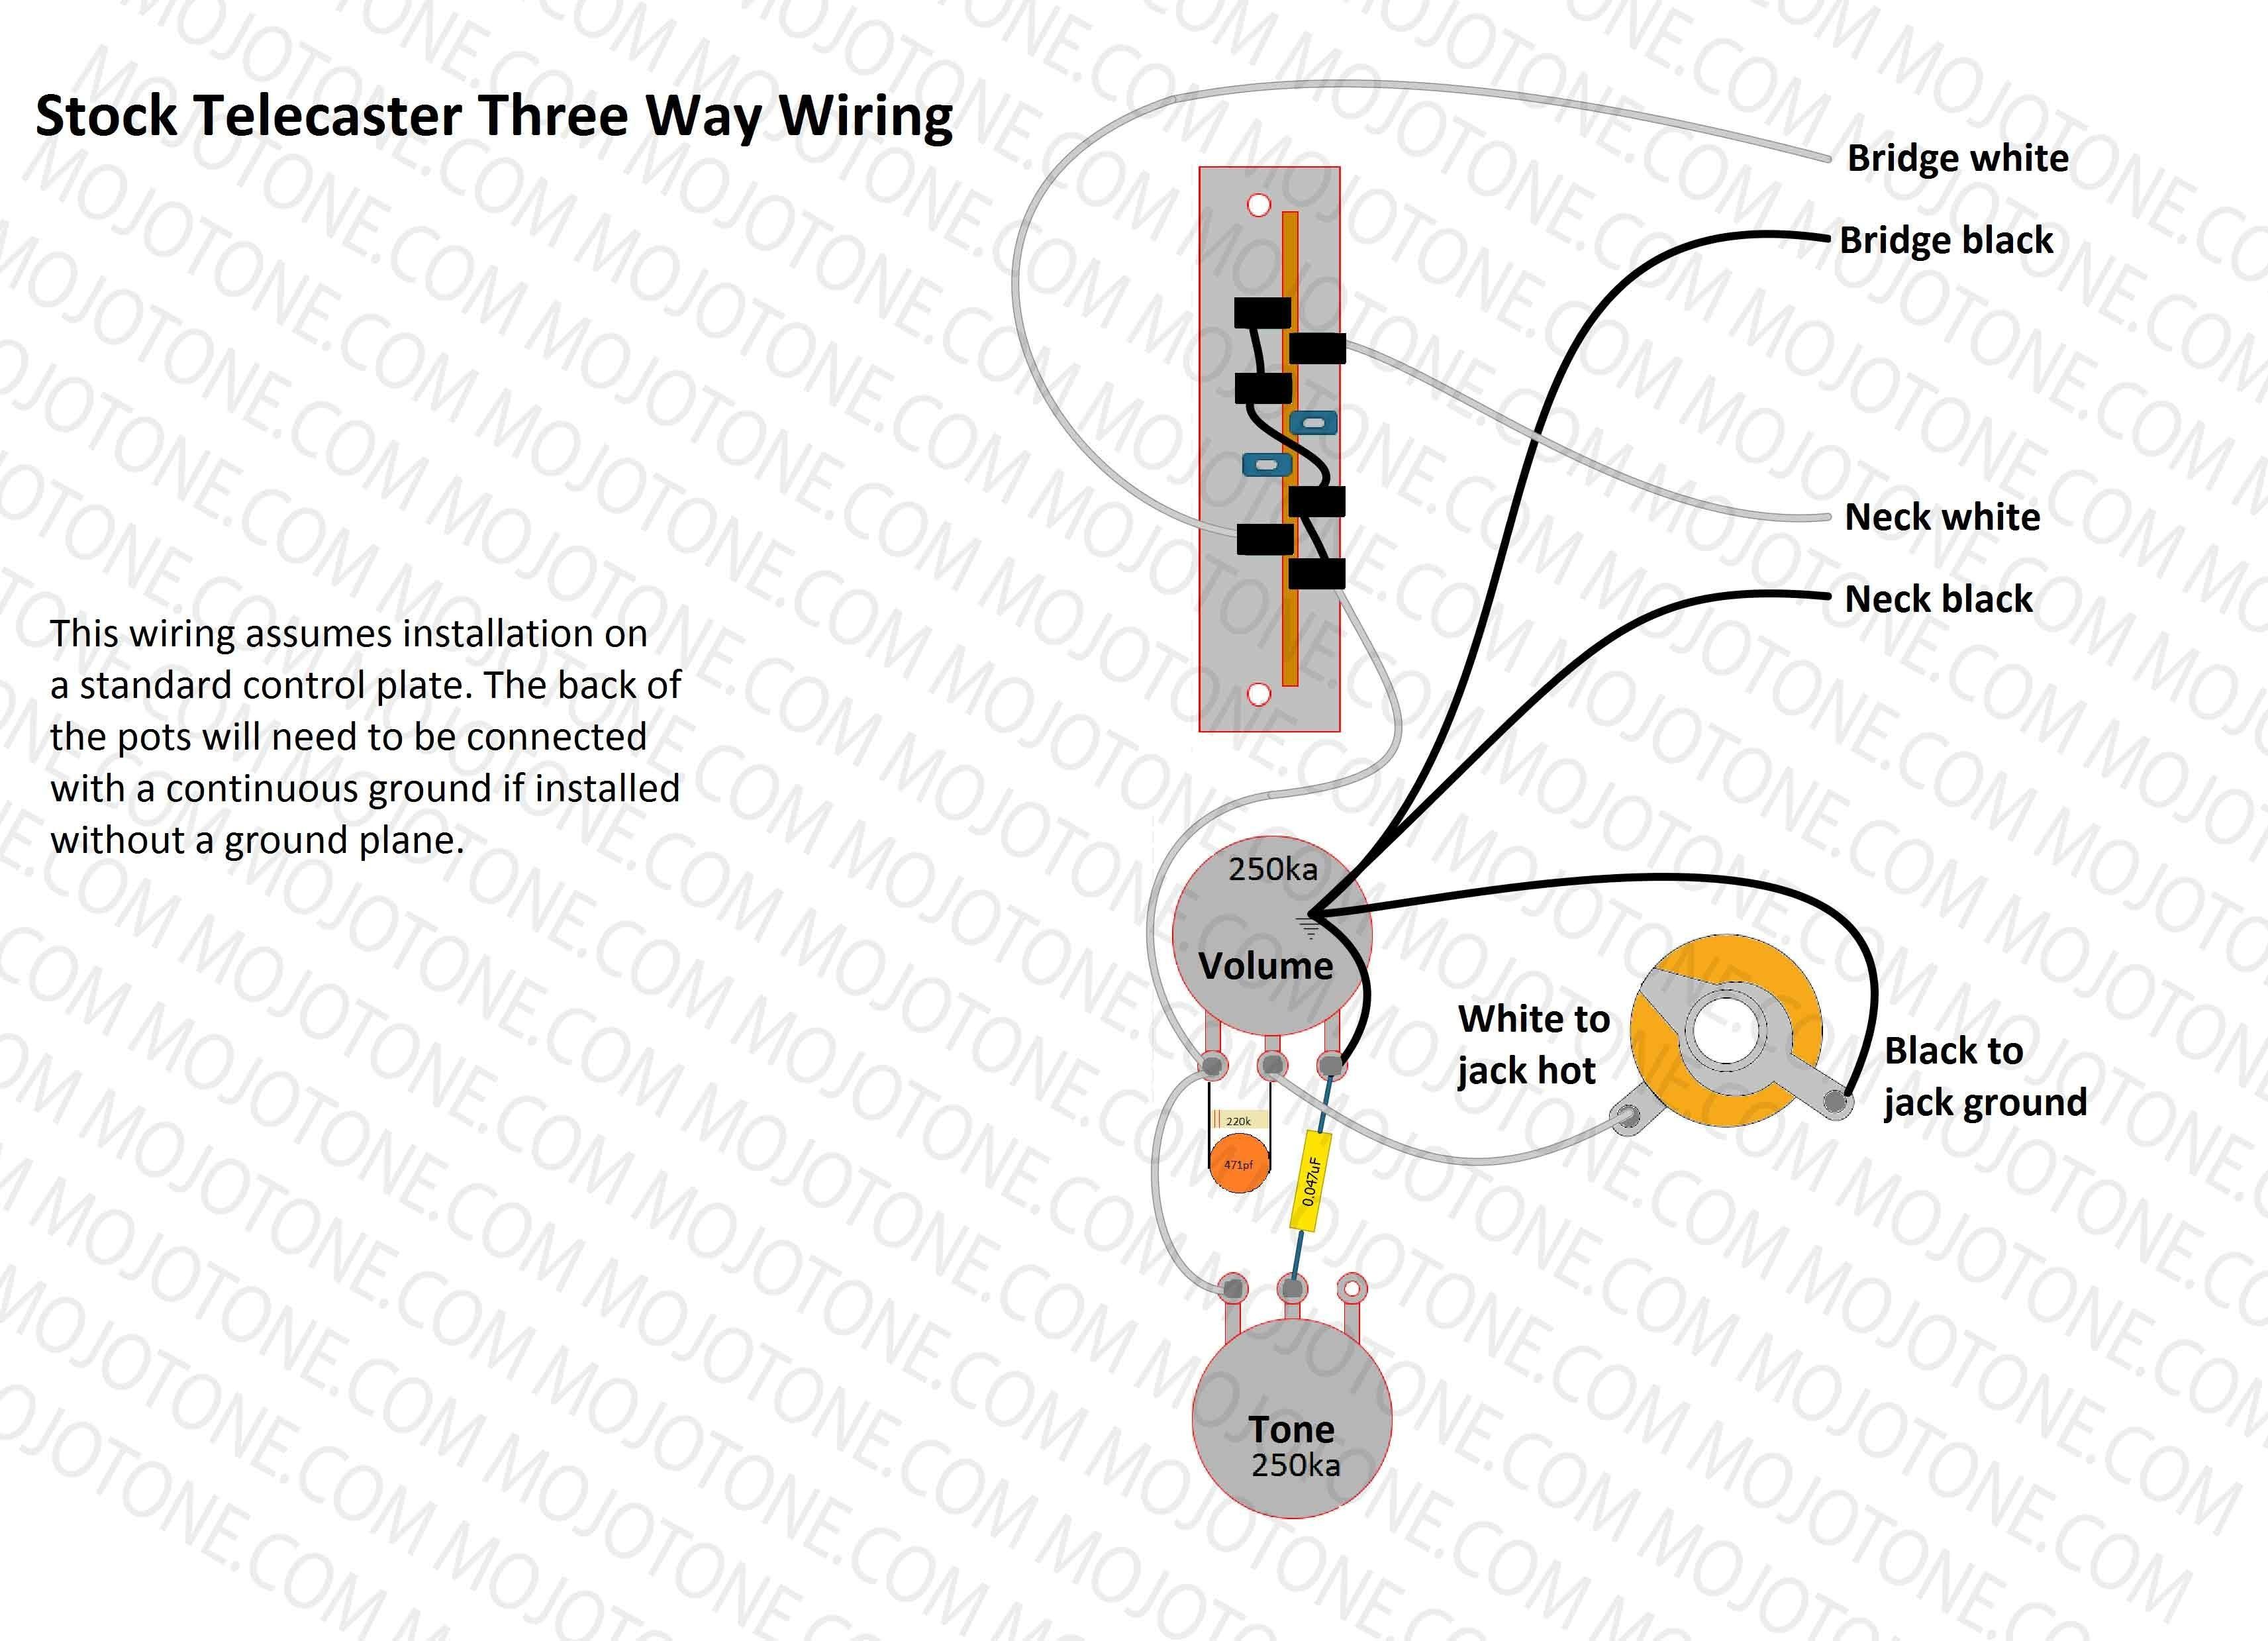 Wiring Diagram Guitar 3 Way Switch Fresh Wiring Diagram for 3 Way Switch Guitar Copy Telecaster